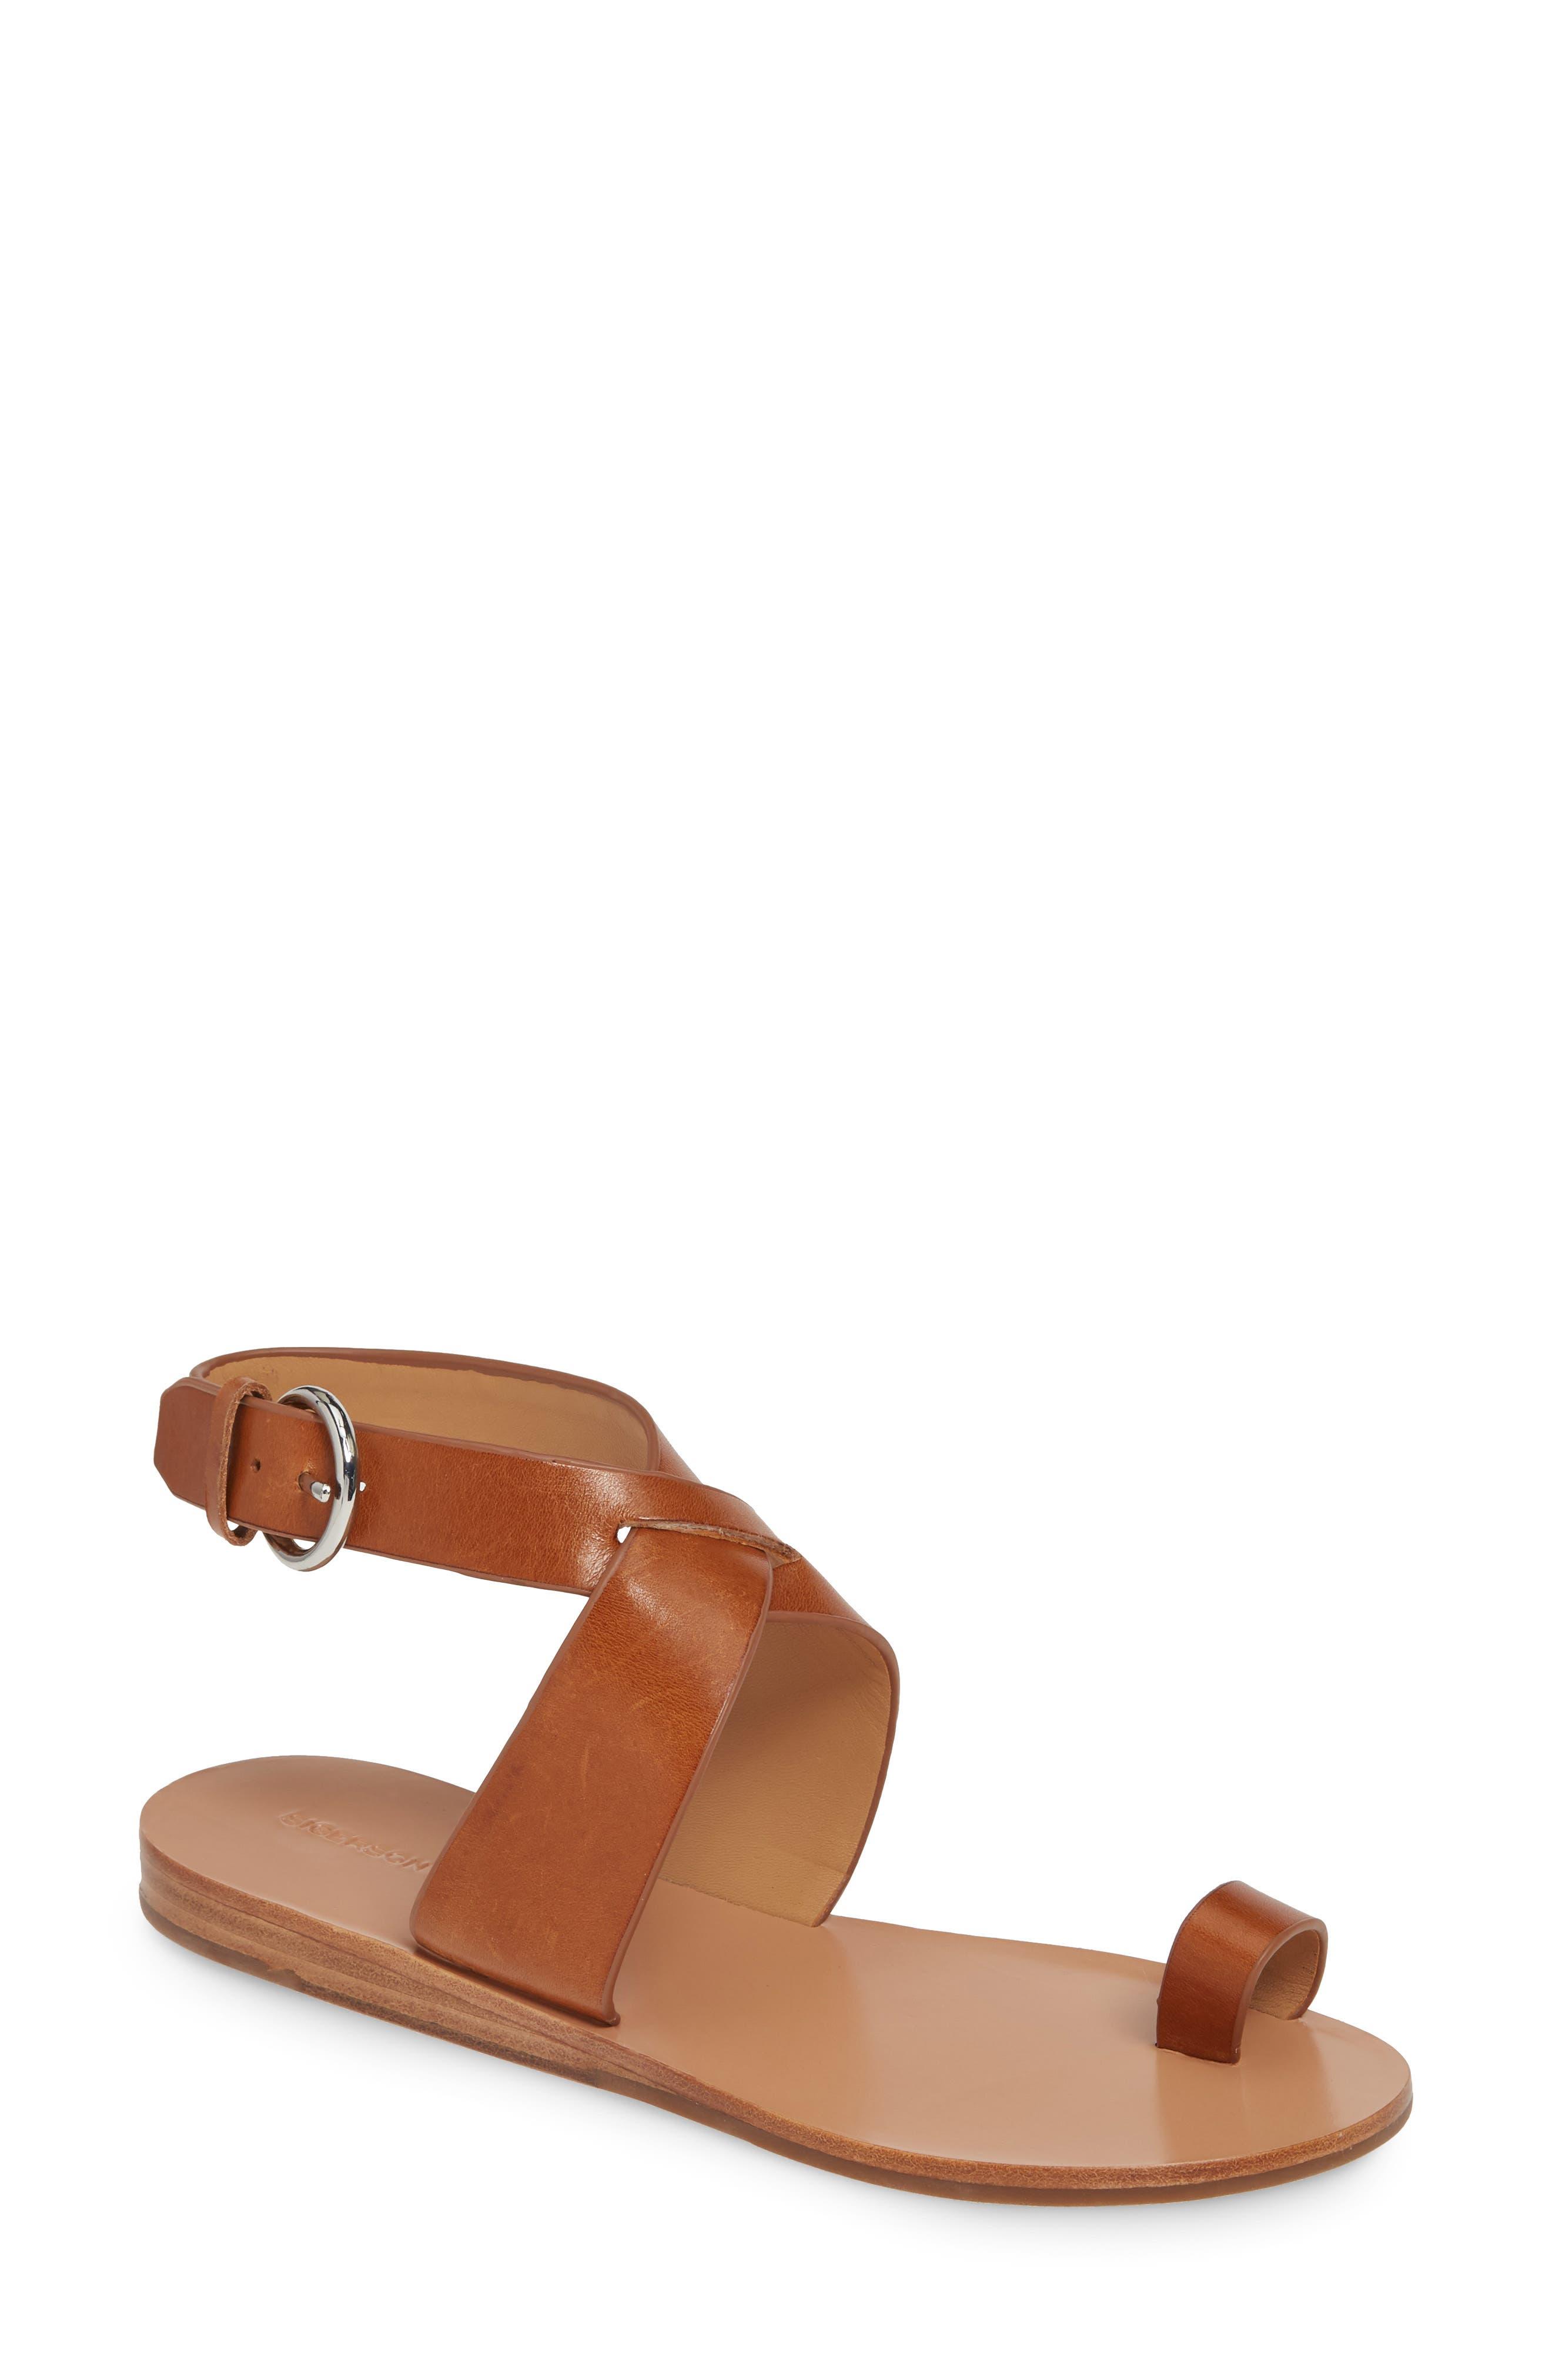 Sigerson Morrison Kyra Toe Loop Sandal, Brown